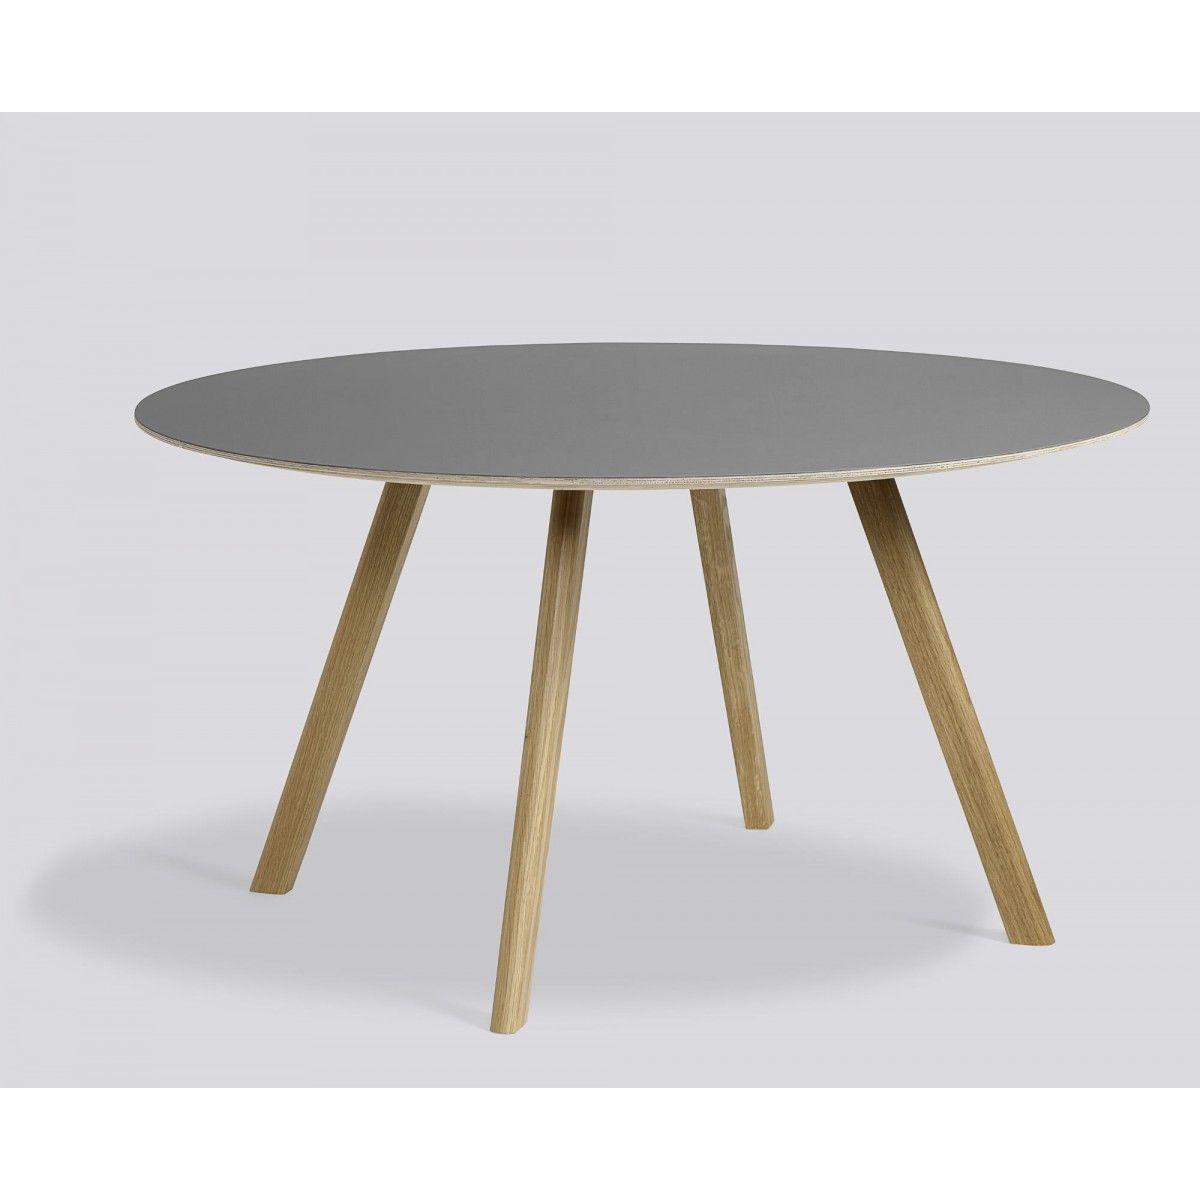 Einrichten Design De copenhague table cph25 tisch hay einrichten design de